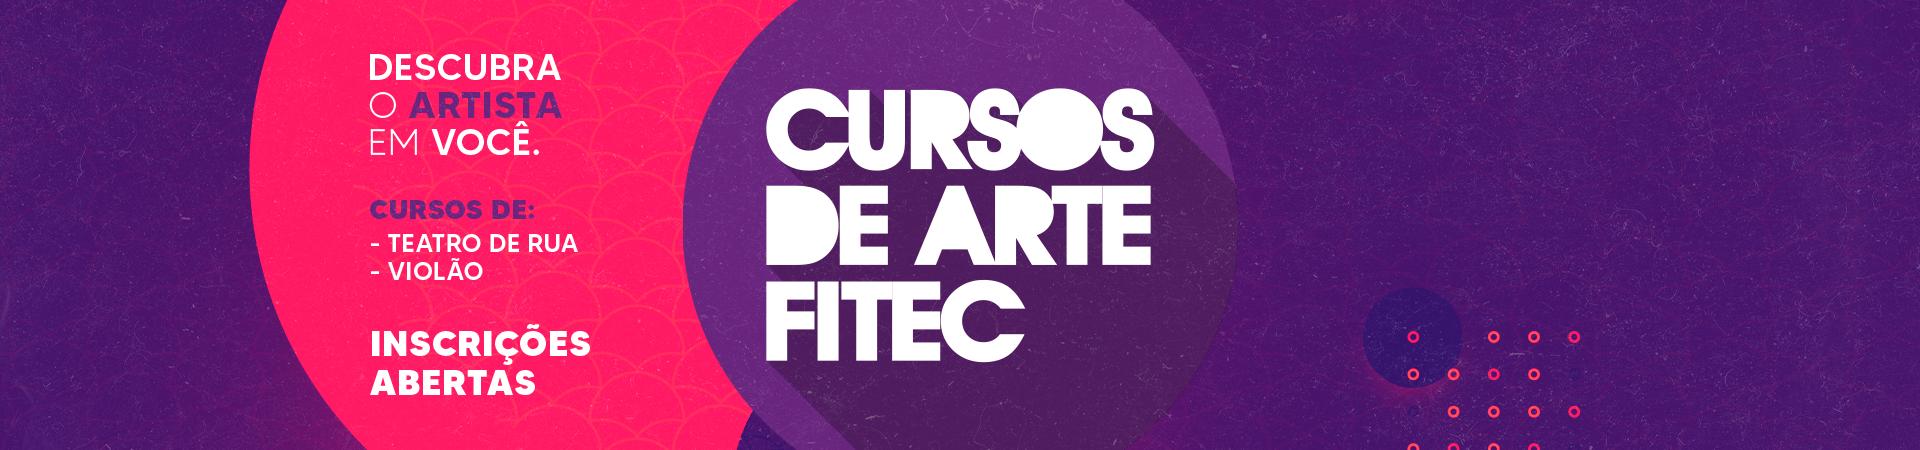 site_fitec_cursos